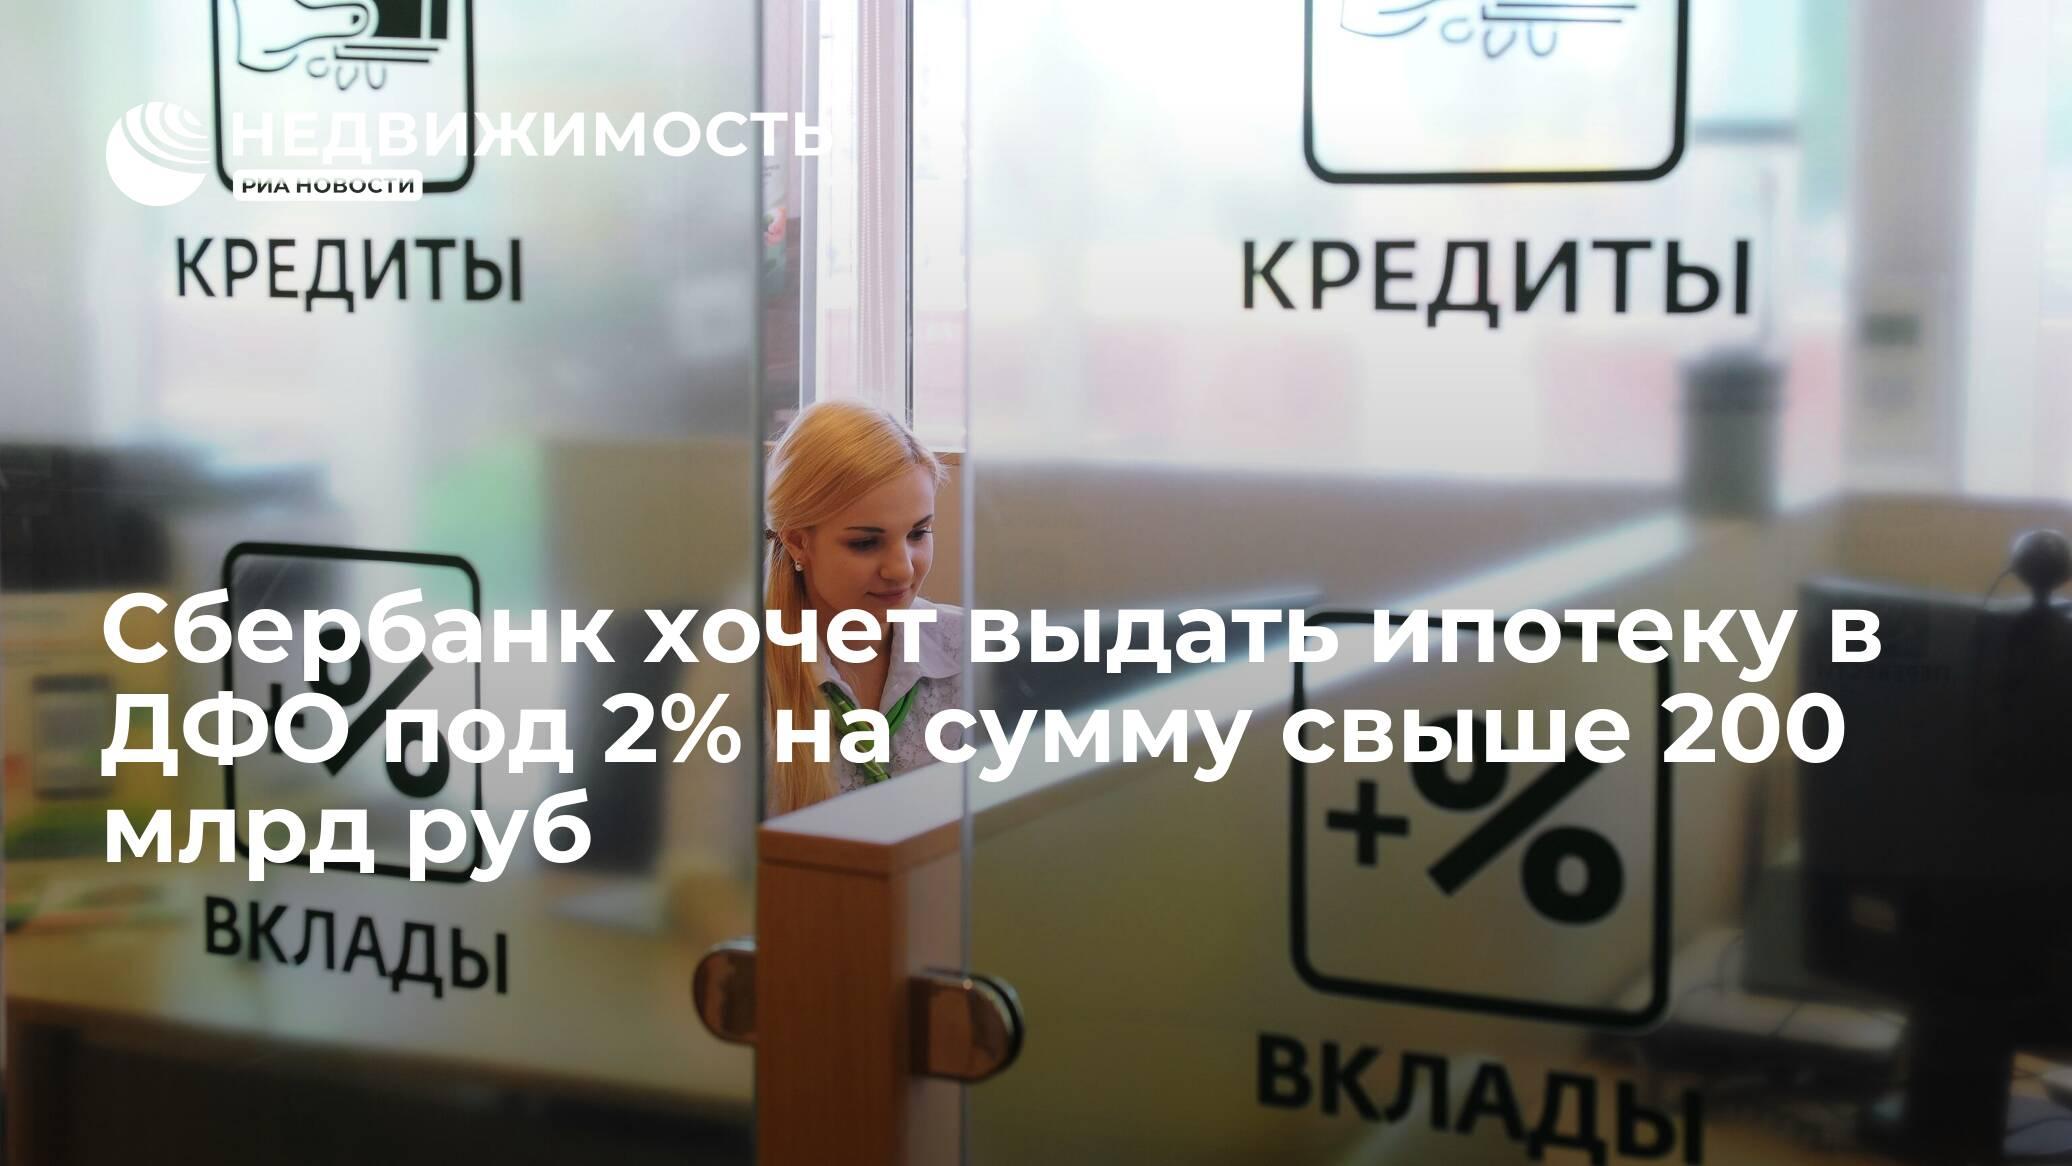 Финансист рассказал, как не попасть в кредитные ловушки от банков и мфо